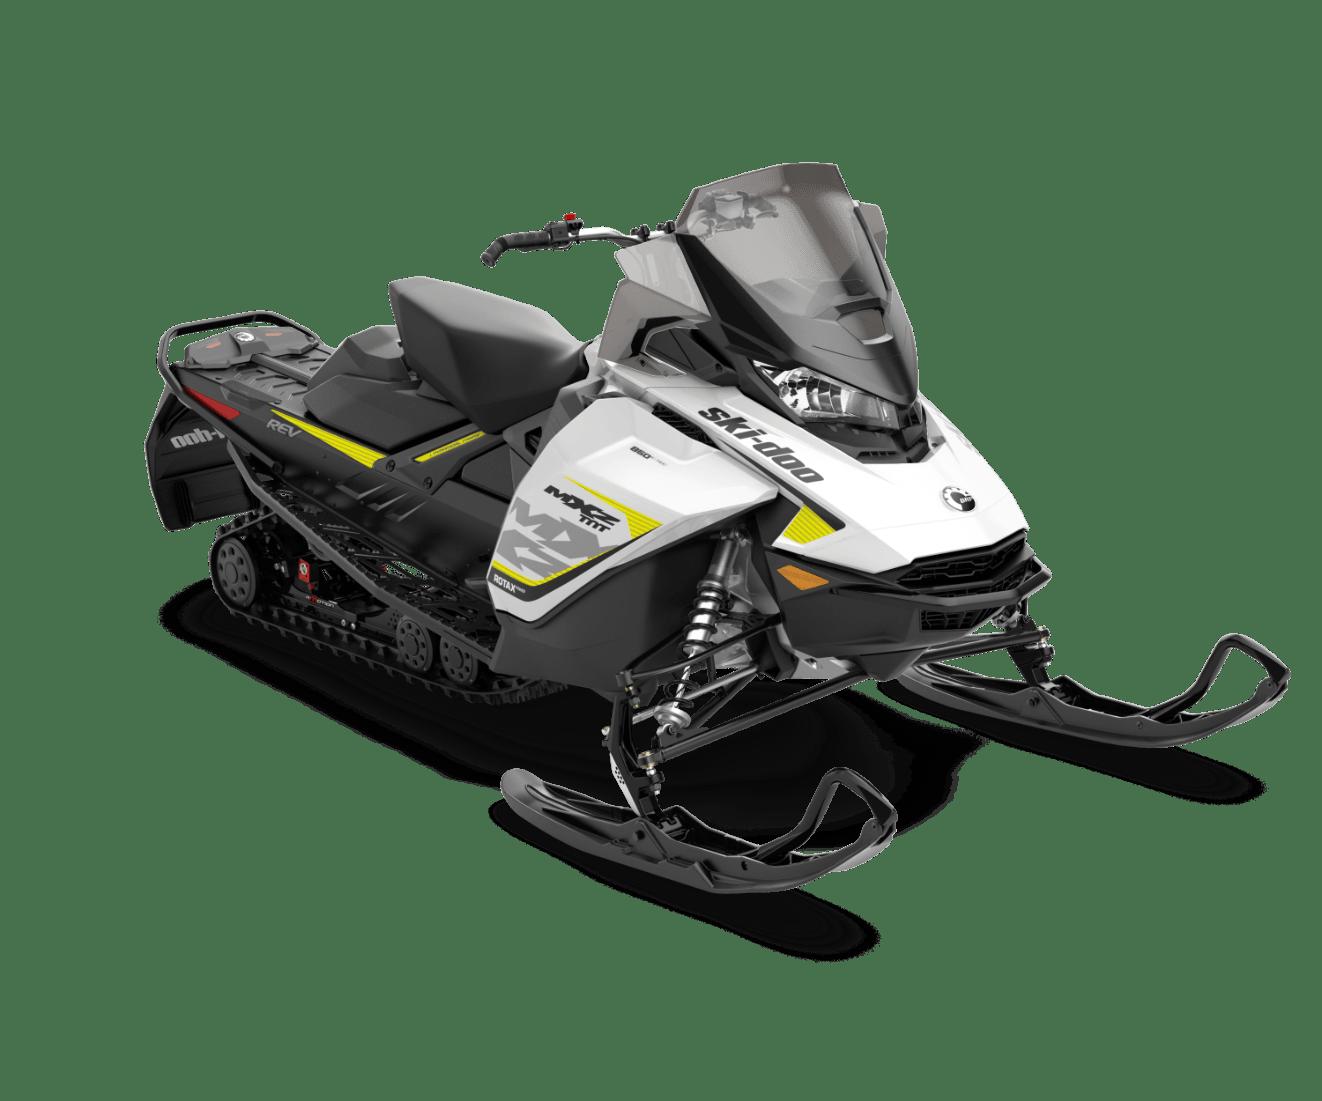 2018 Ski-Doo MXZ TNT 850 E-TEC in Kamas, Utah